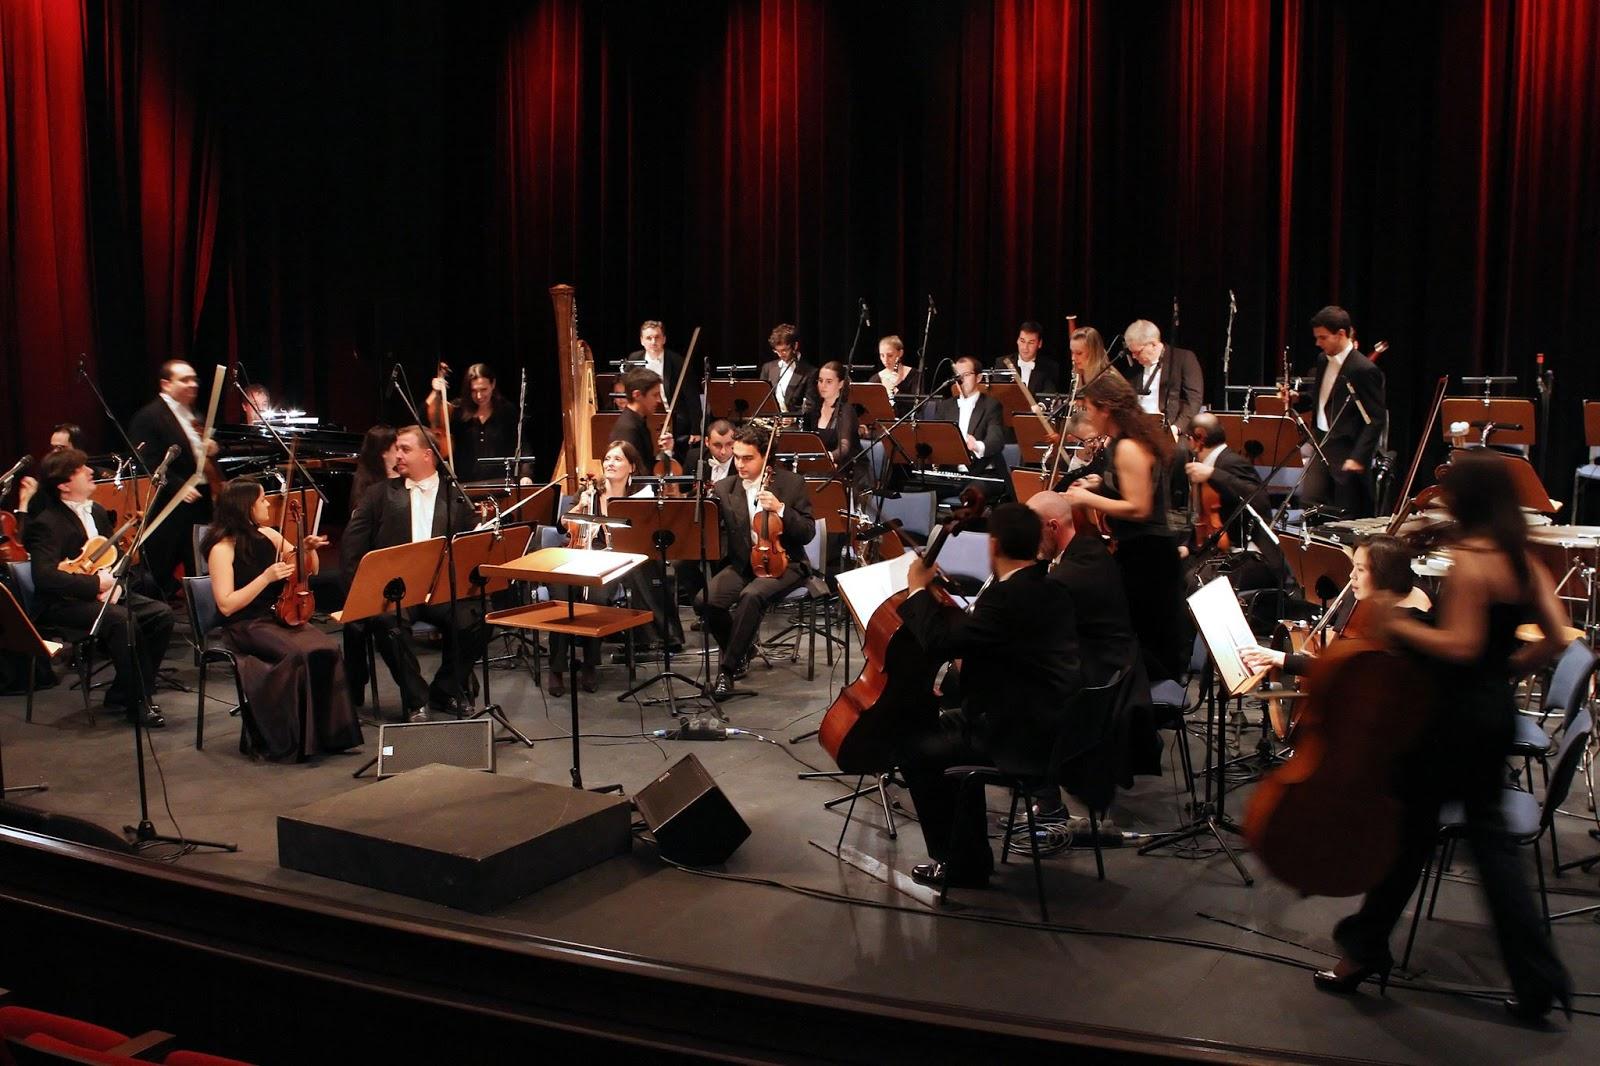 Lisboa livre 2018 programao orquestra metropolitana de lisboa a misso da orquestra metropolitana de lisboa consiste em promover a sensibilizao para a msica contribuindo para o desenvolvimento do indivduo fandeluxe Images